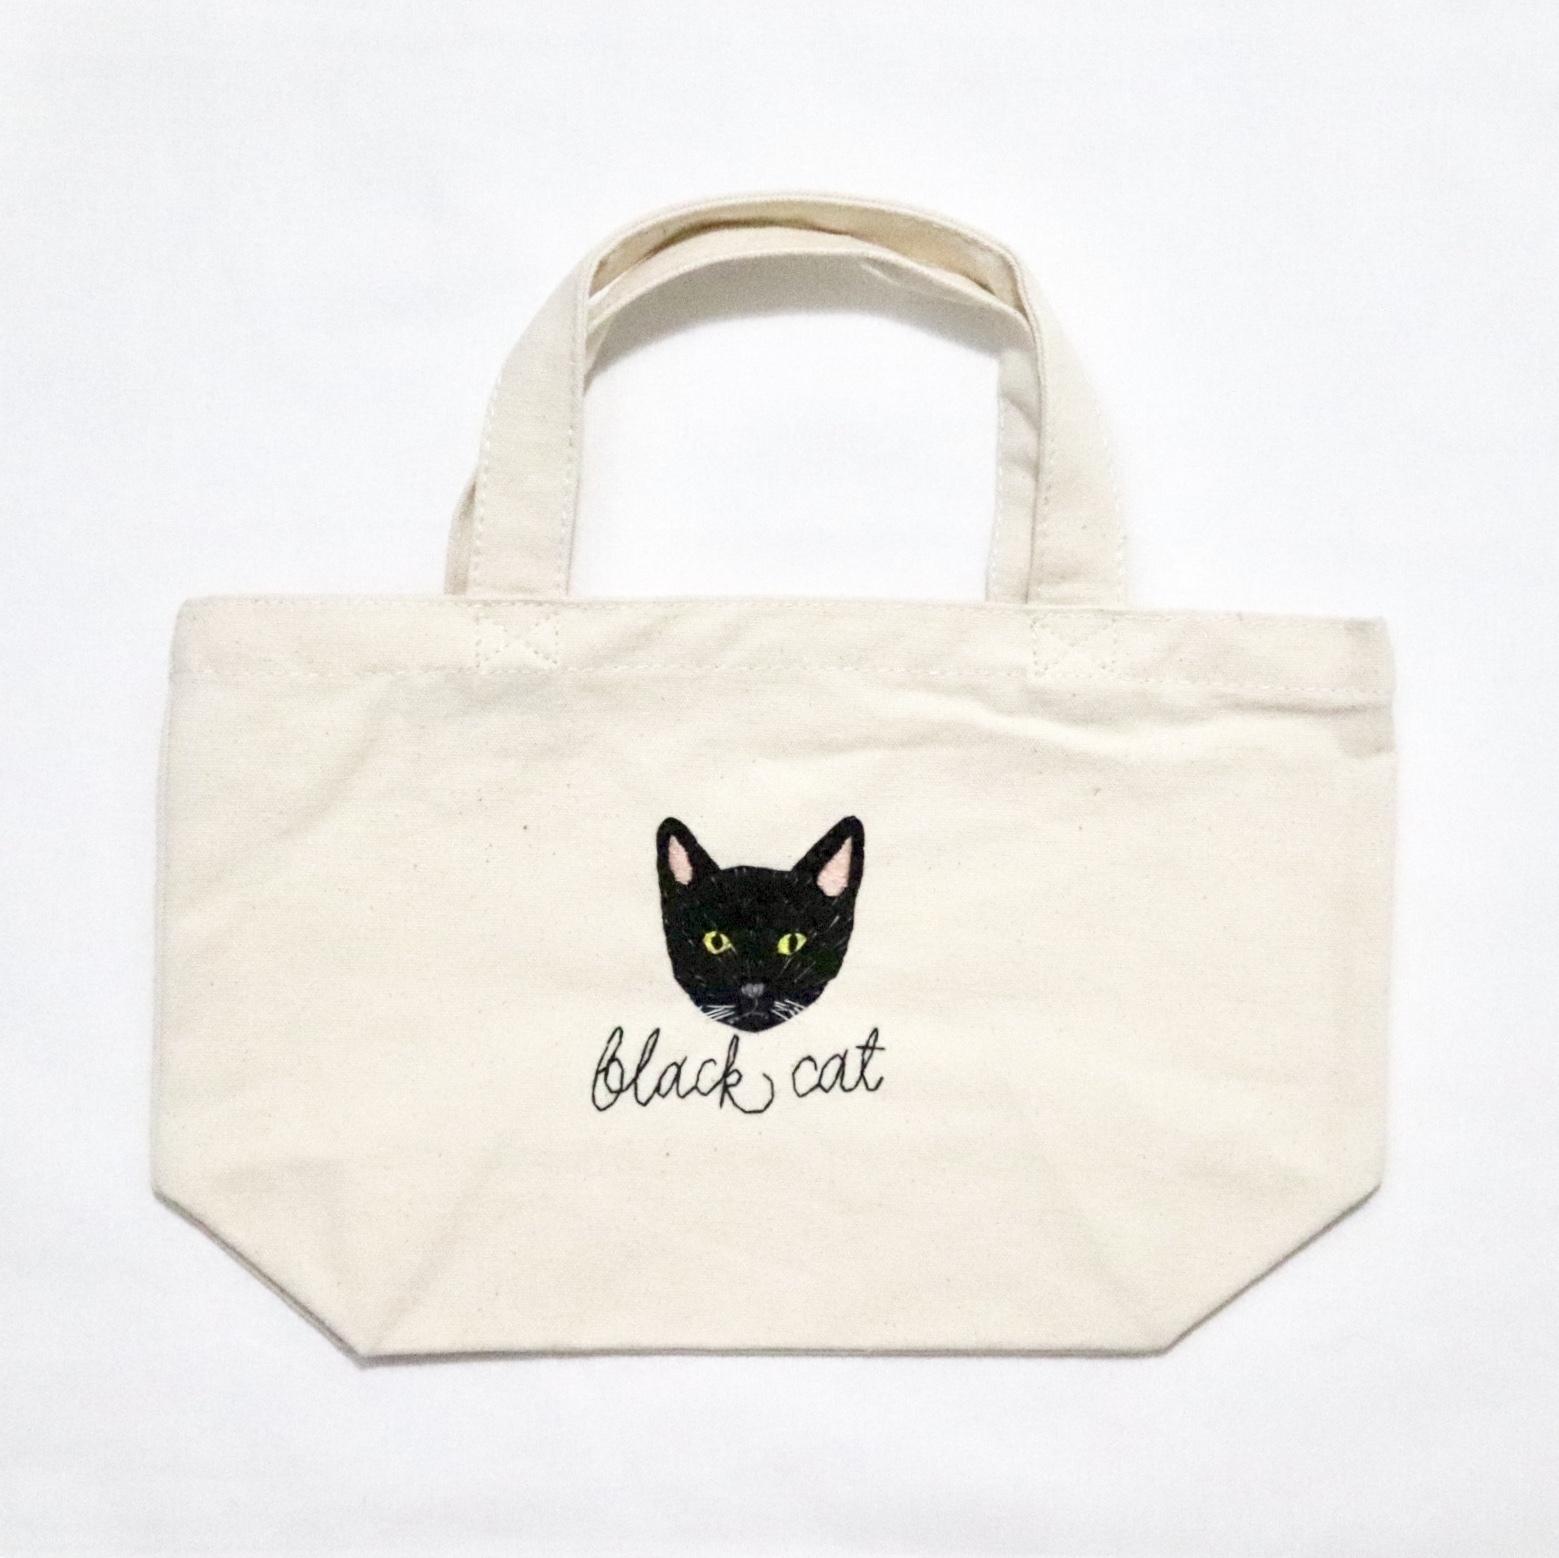 黒猫の刺繍帆布バッグ